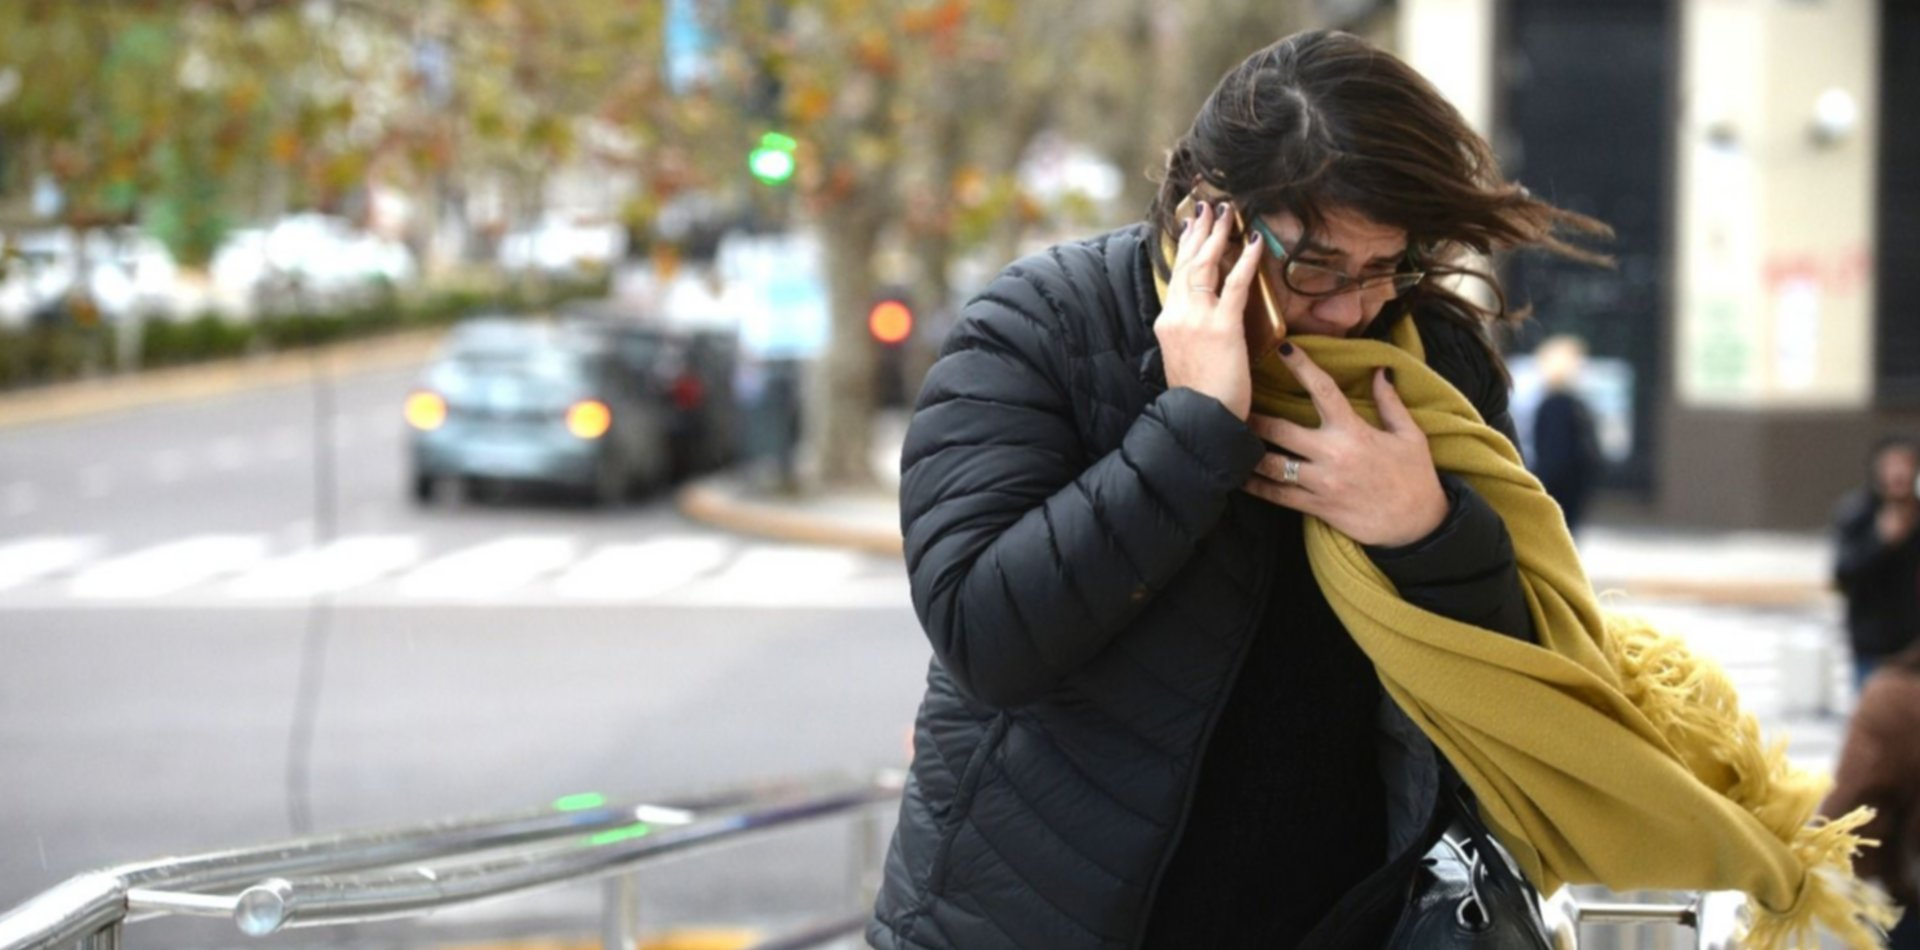 Refrescó en La Plata: se viene un domingo ventoso y con chances de chaparrones